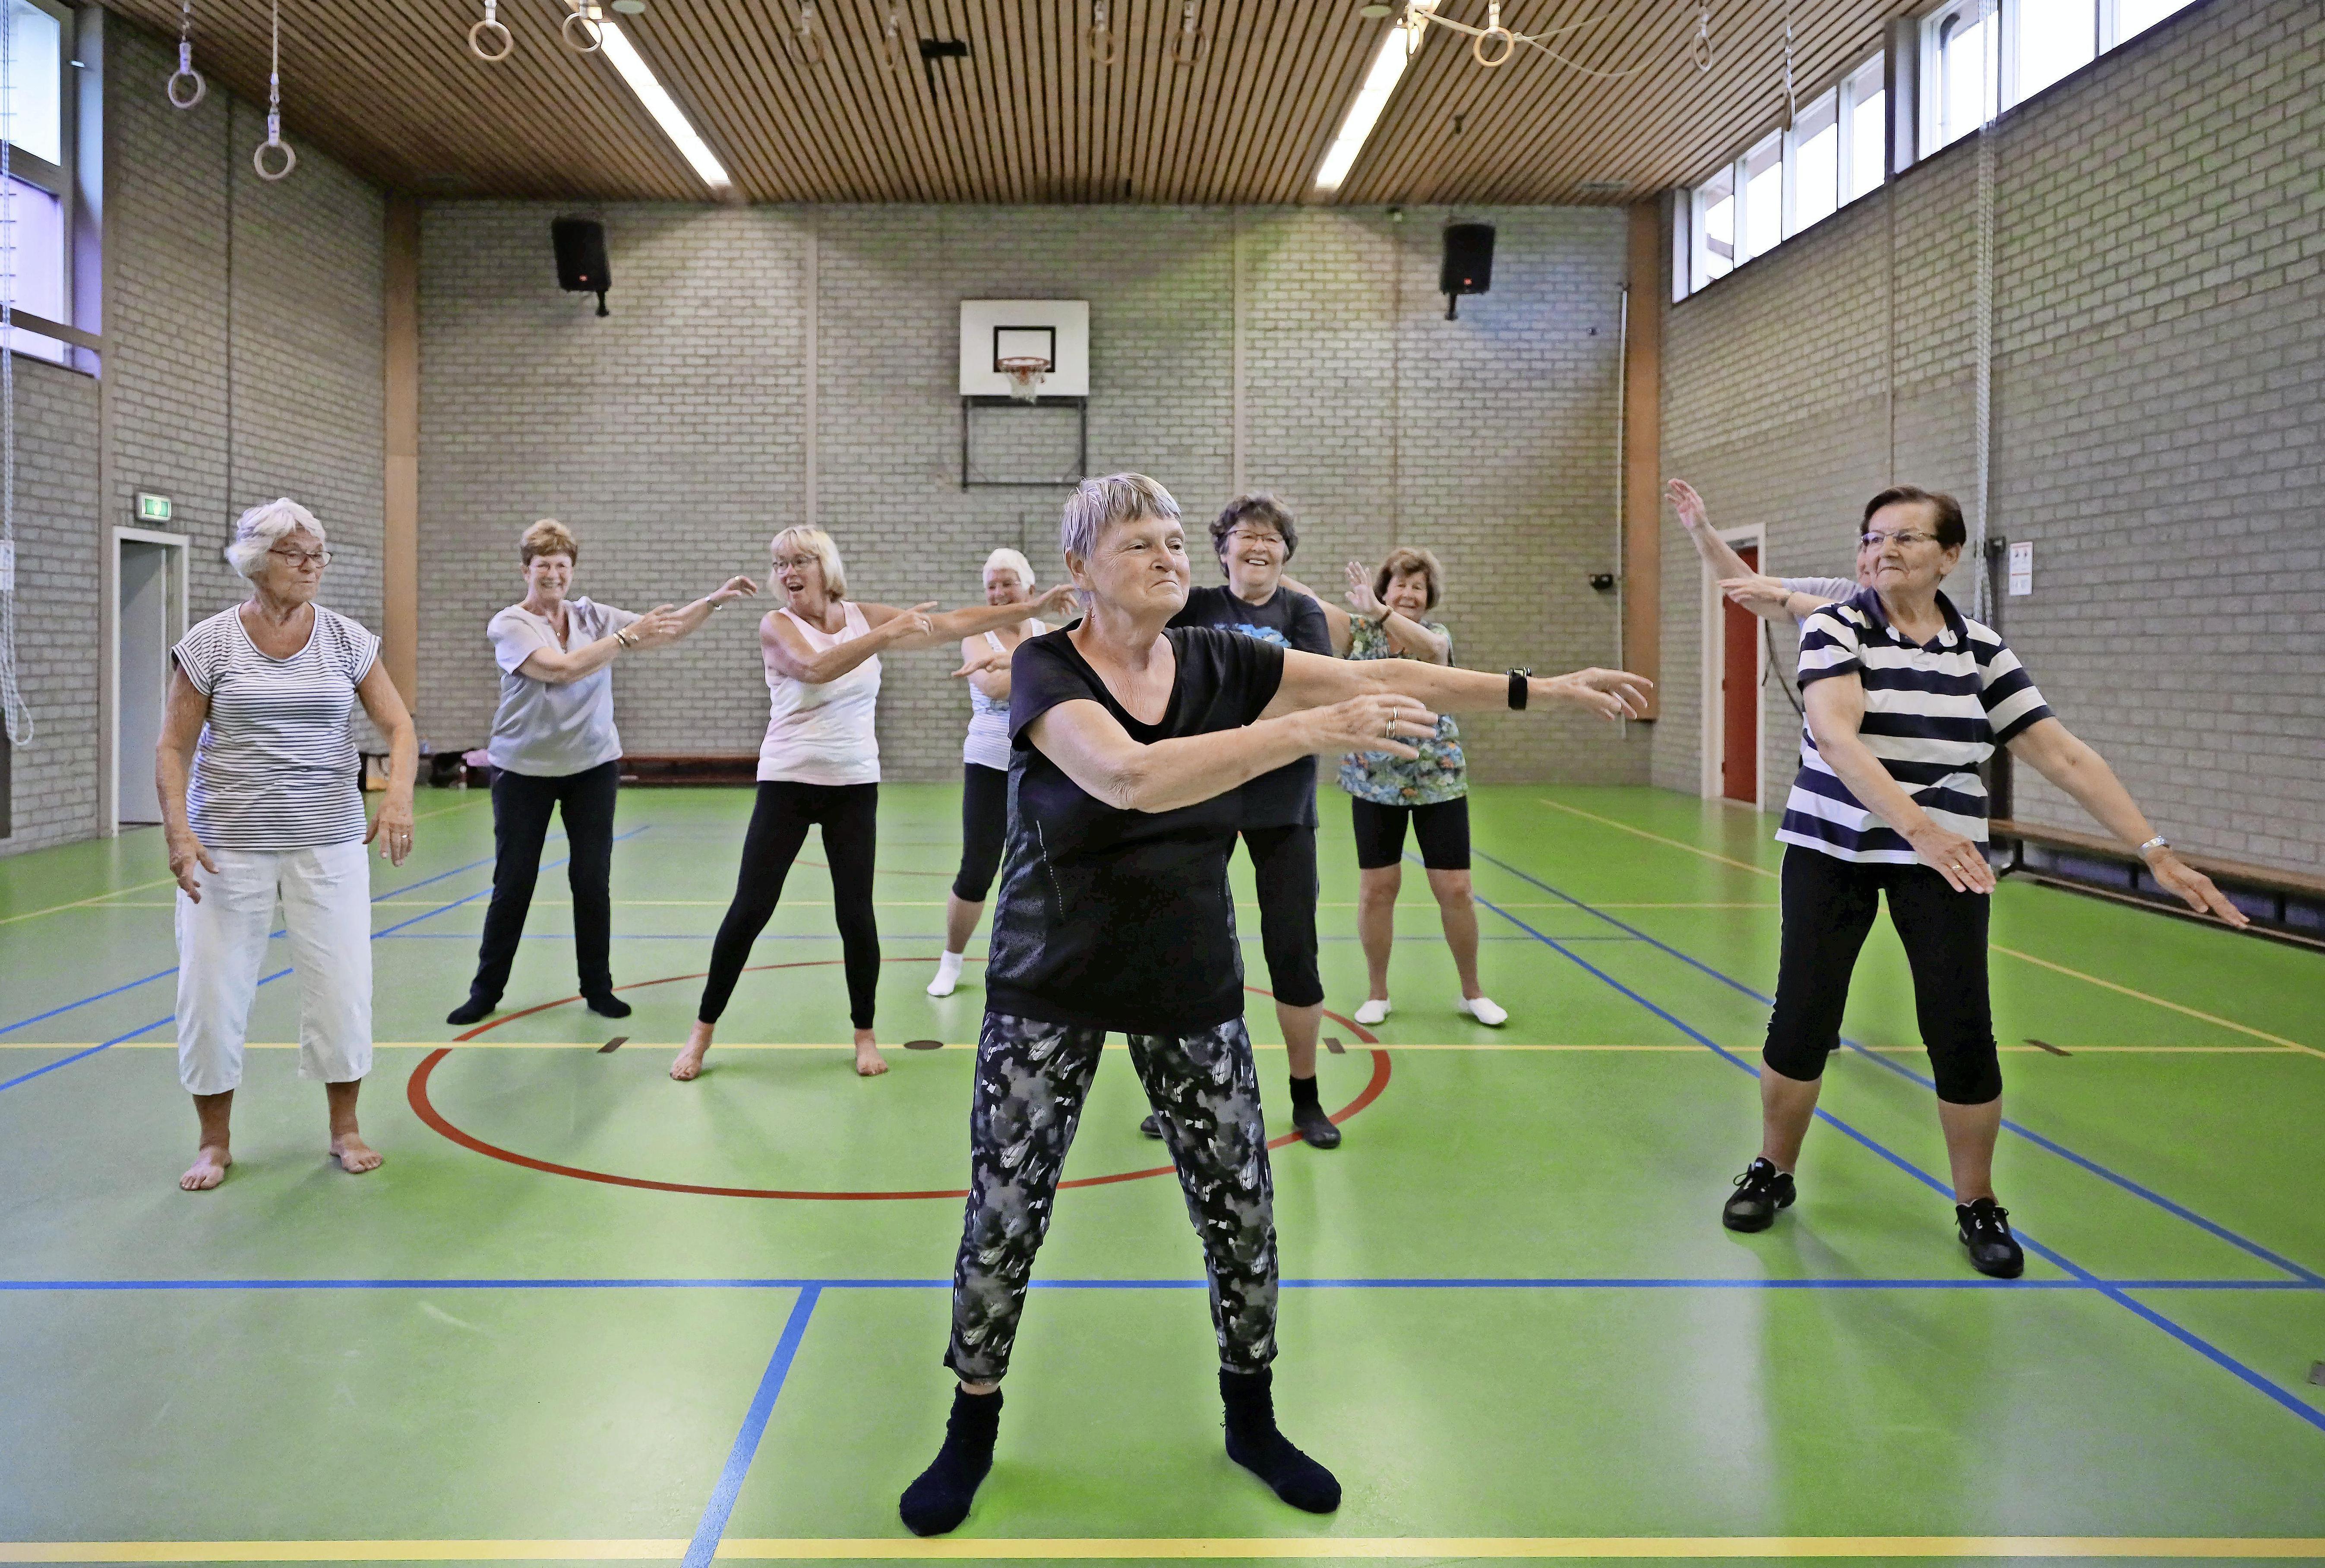 Margriet Stapel (79) stopt na dik halve eeuw gymles geven in Wijdenes: 'De meiden zijn nu ook rond de tachtig'